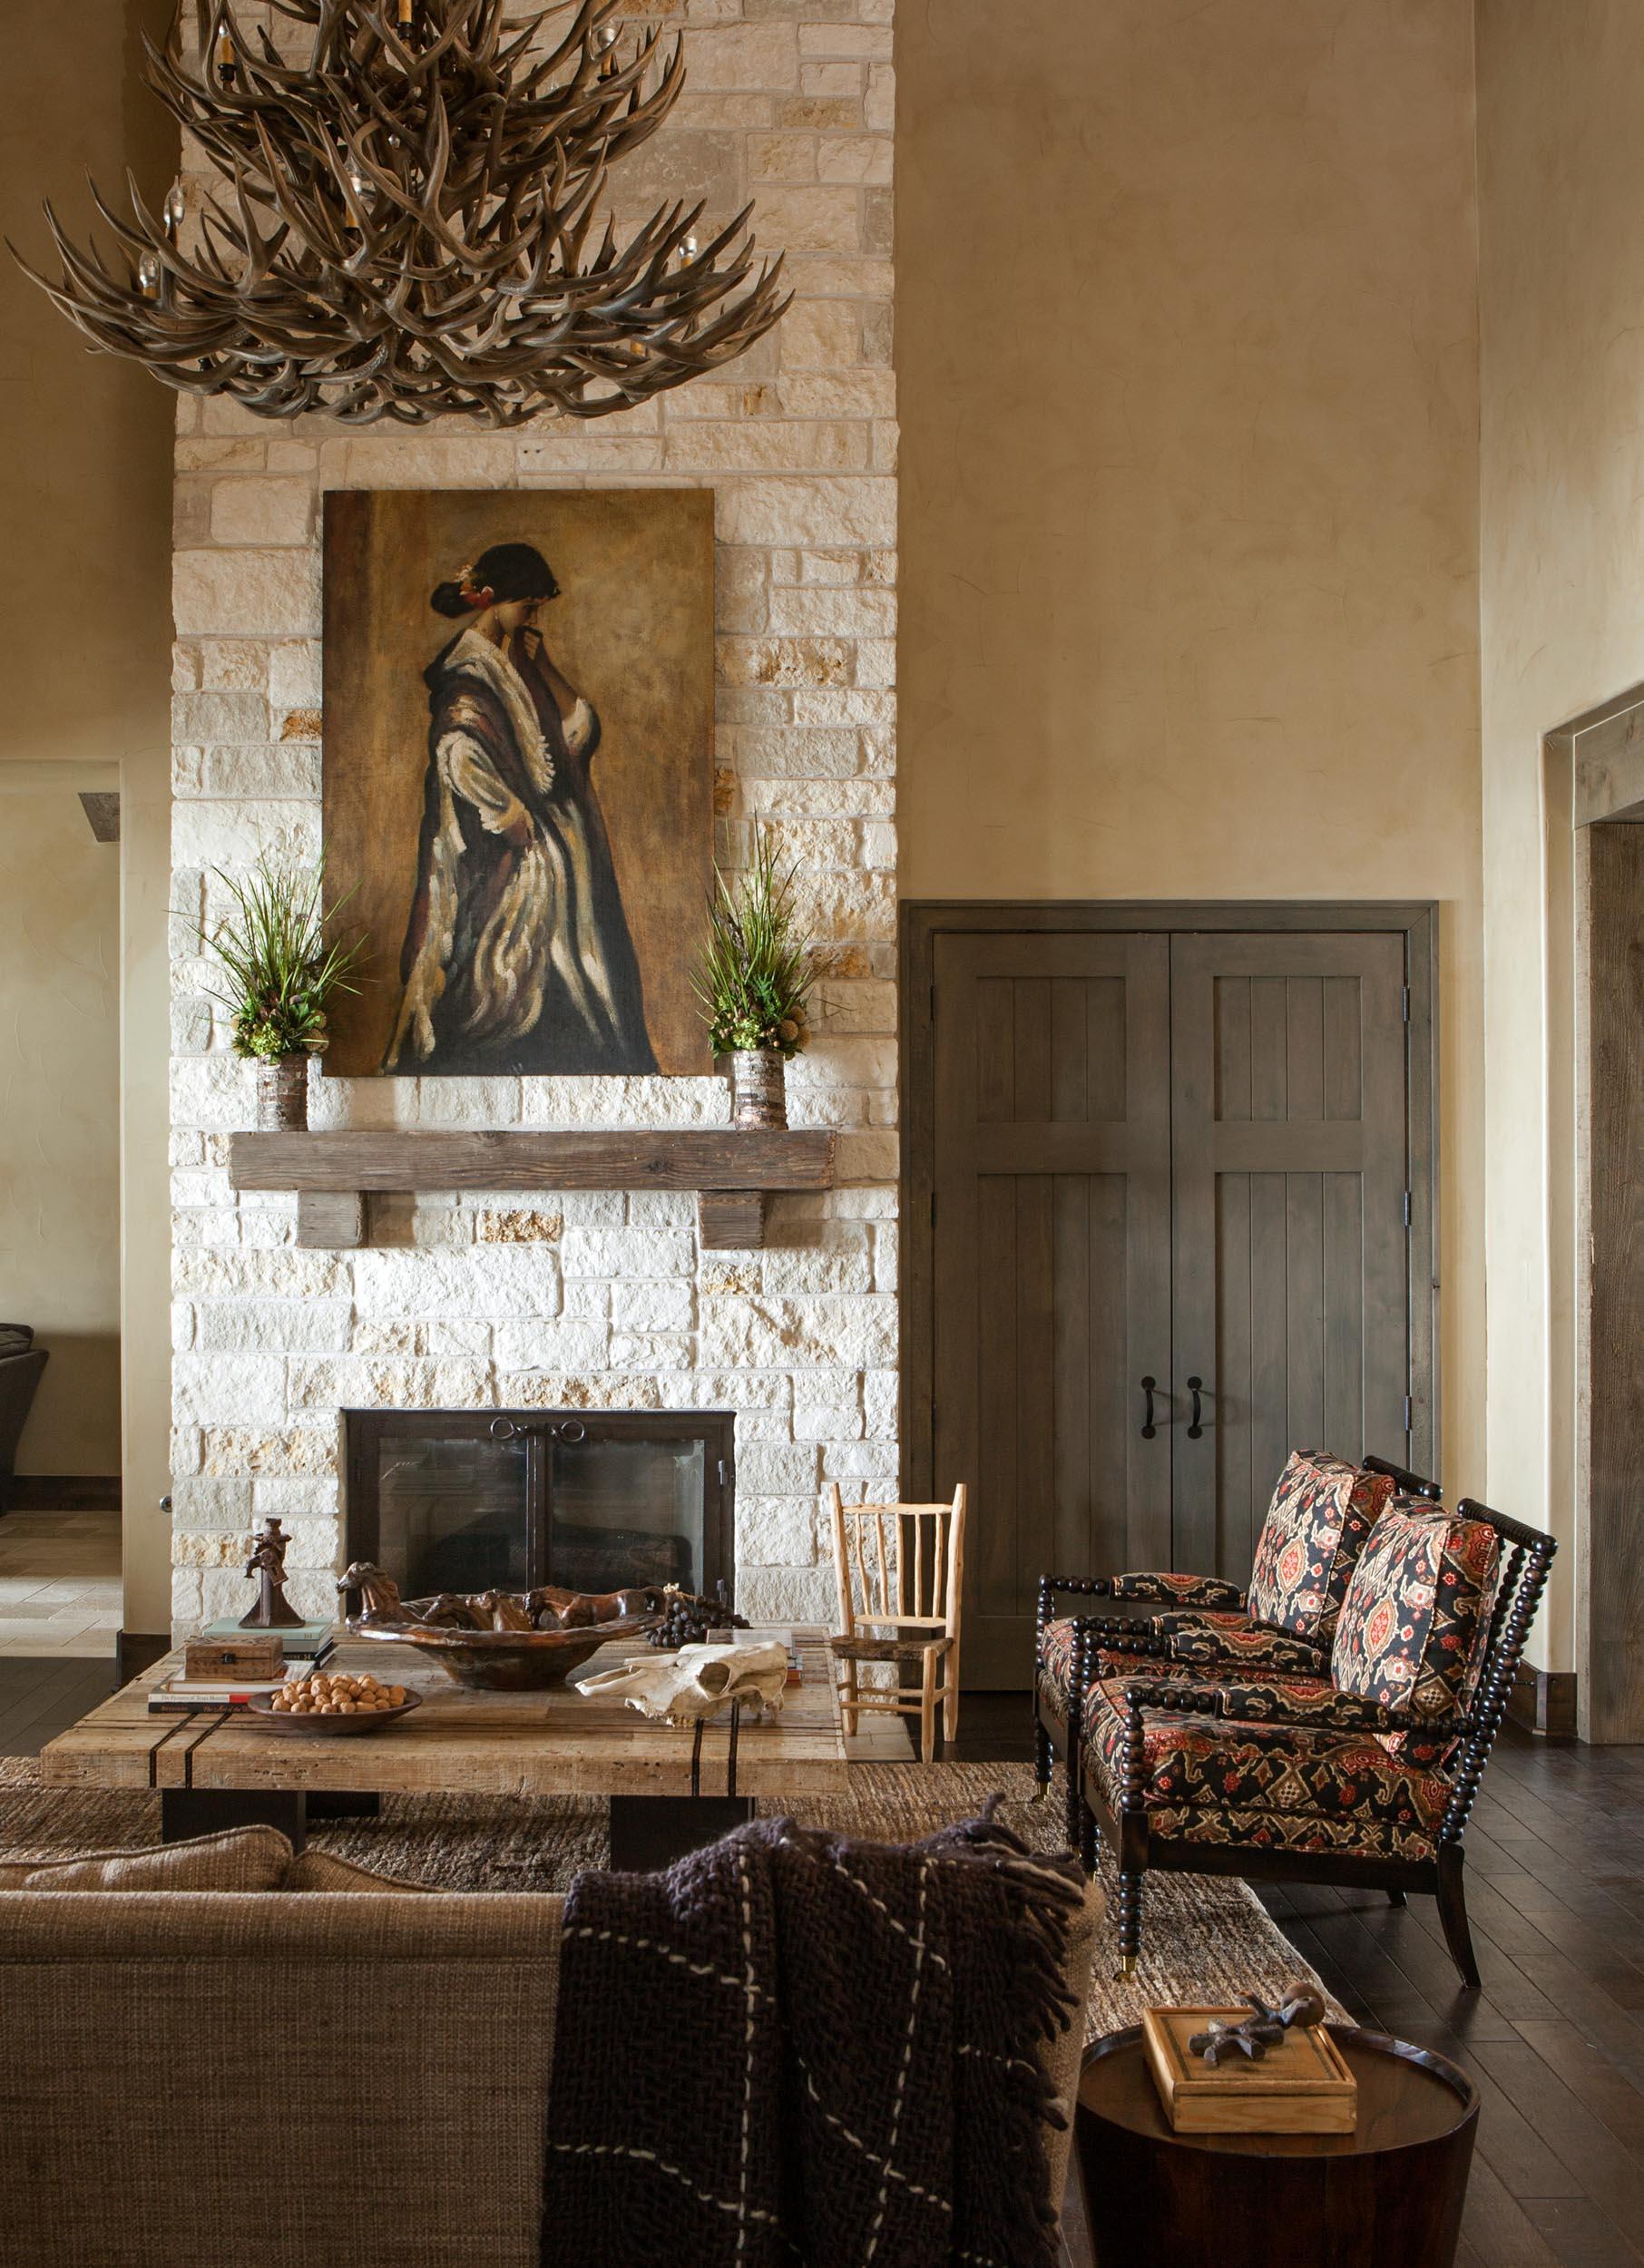 austin-house-living-room-2-interior-design.jpg